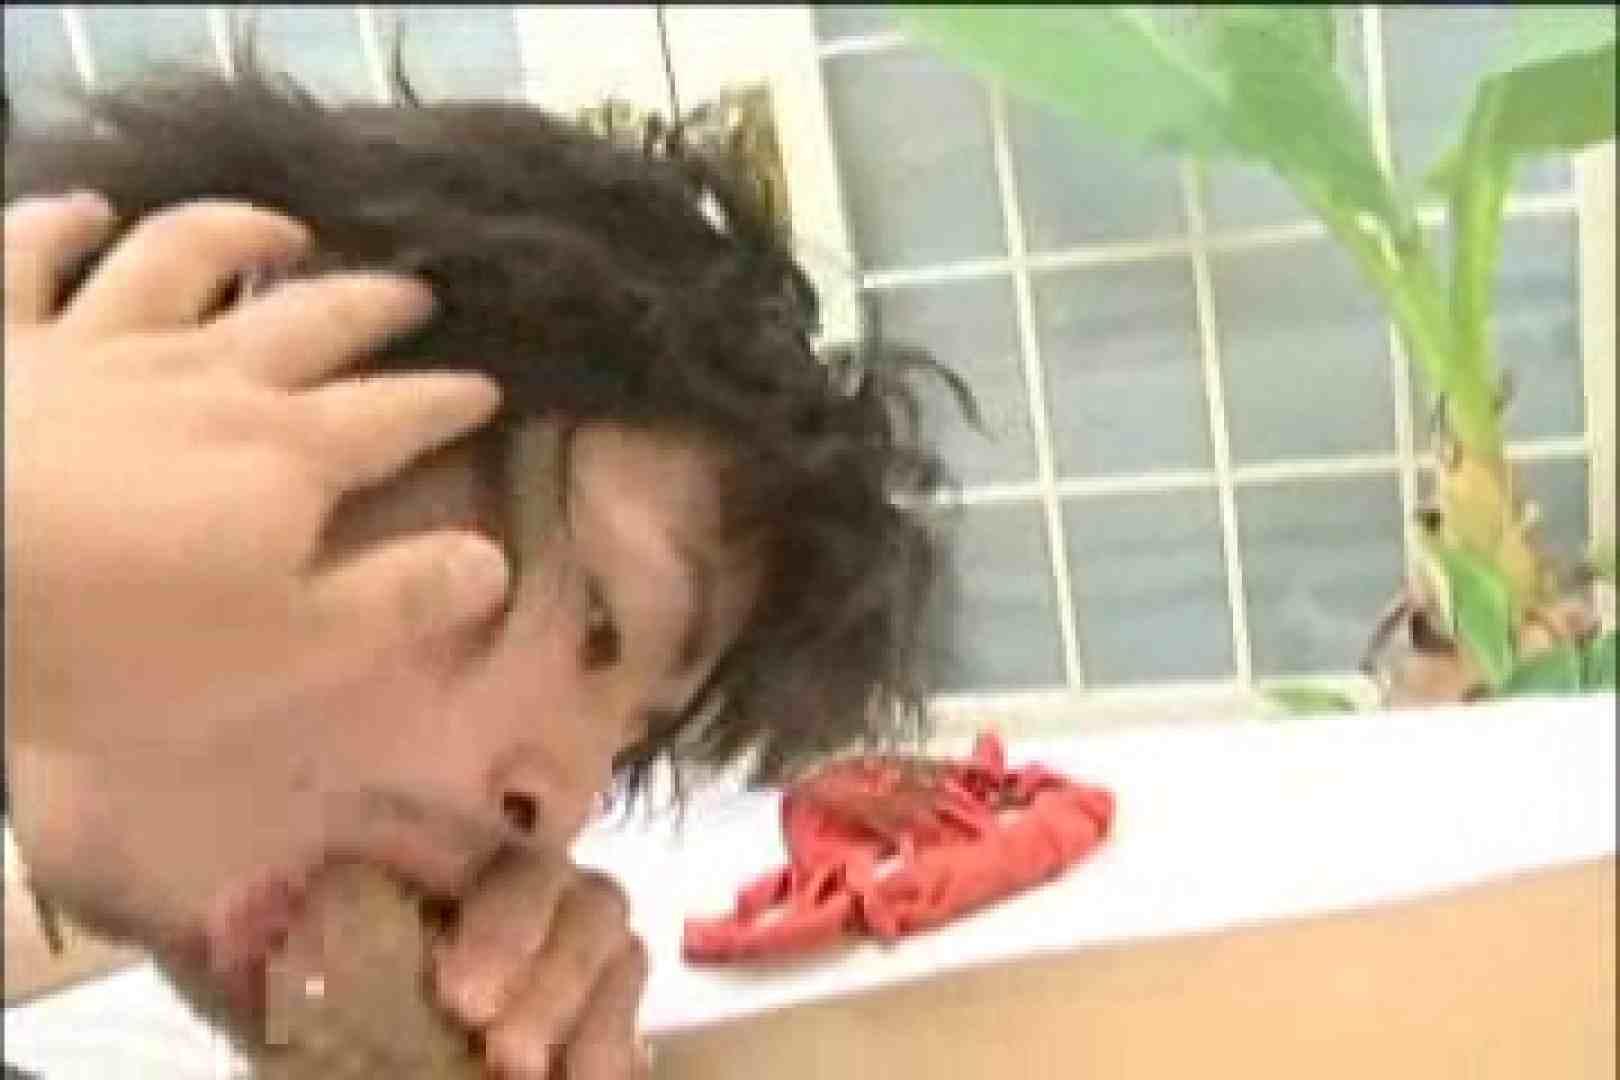 イケメン☆パラダイス〜男ざかりの君たちへ〜vol.7 フェラ ゲイ素人エロ画像 105枚 102